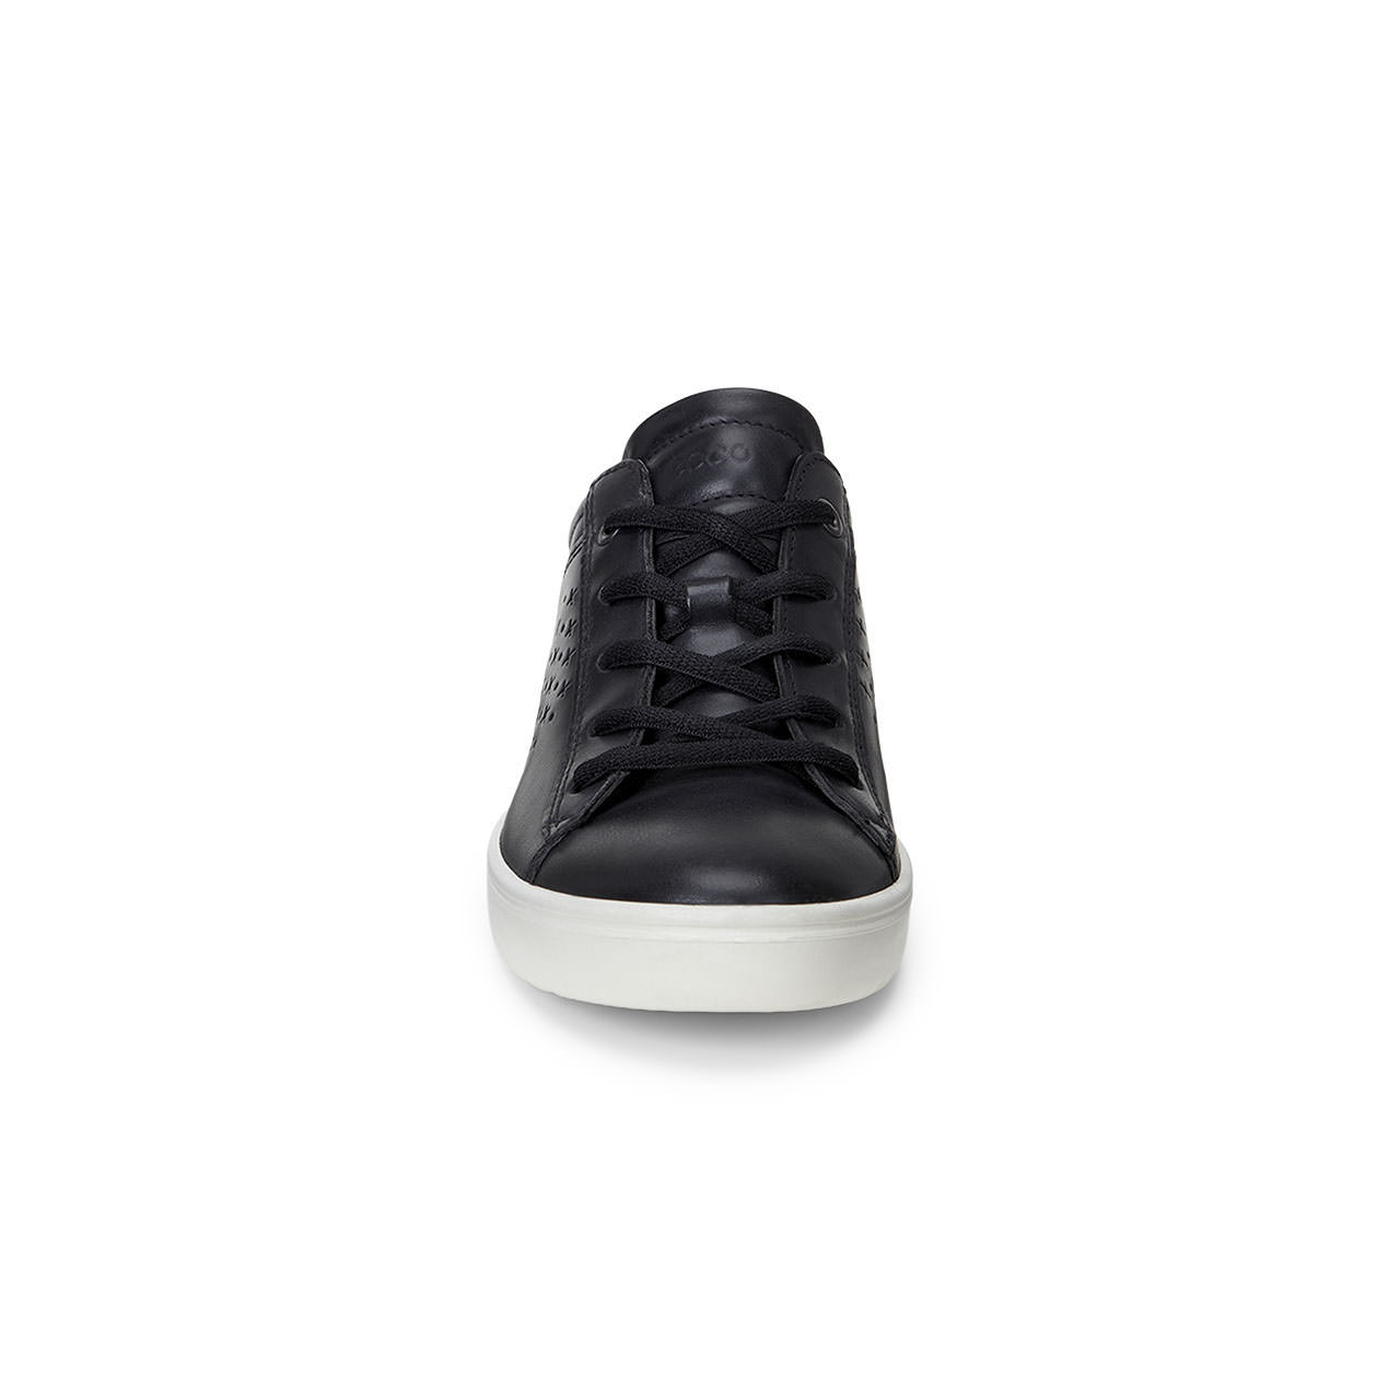 Chaussure lacée ECCO Fara